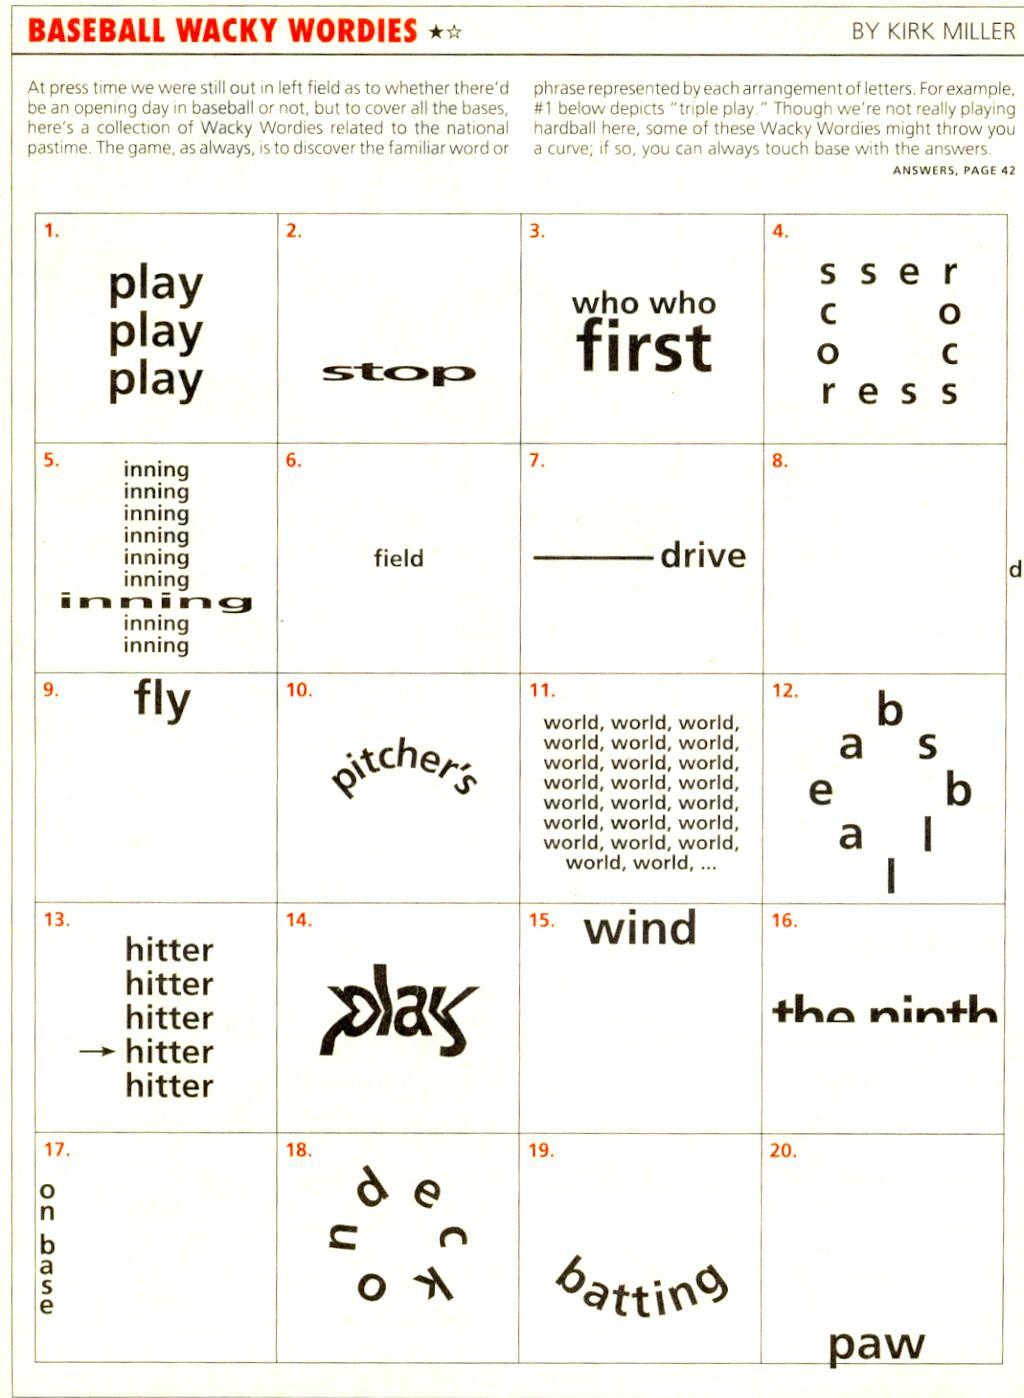 Wackie Wordies Brainteaser #69   Wordles - Printable Wordles Puzzles